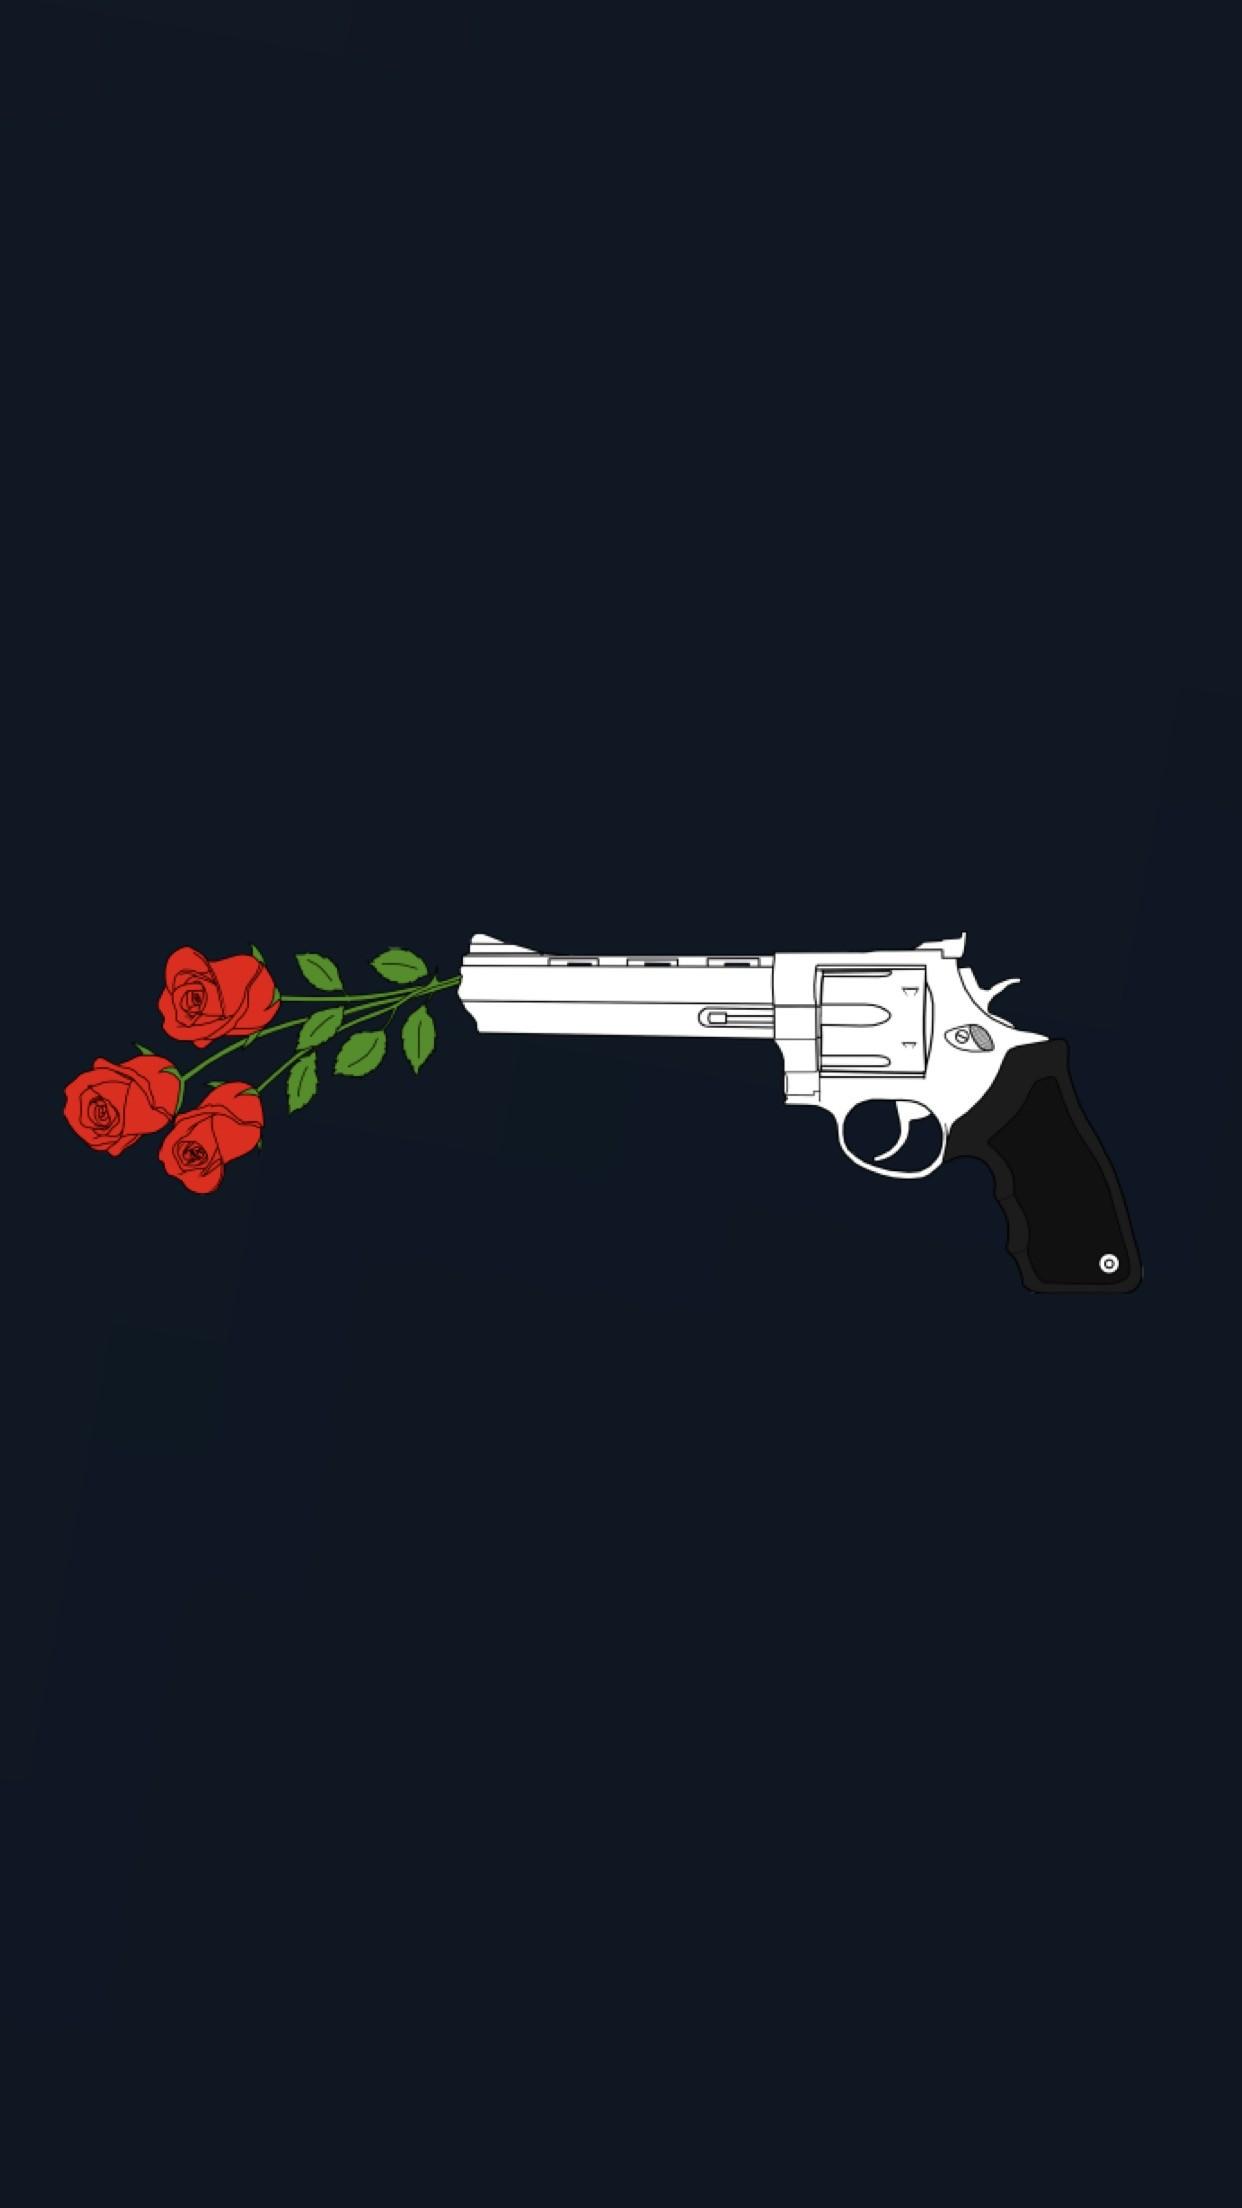 Kill them with roses wallpaper | made by Laurette |  instagram:@laurette_evonen